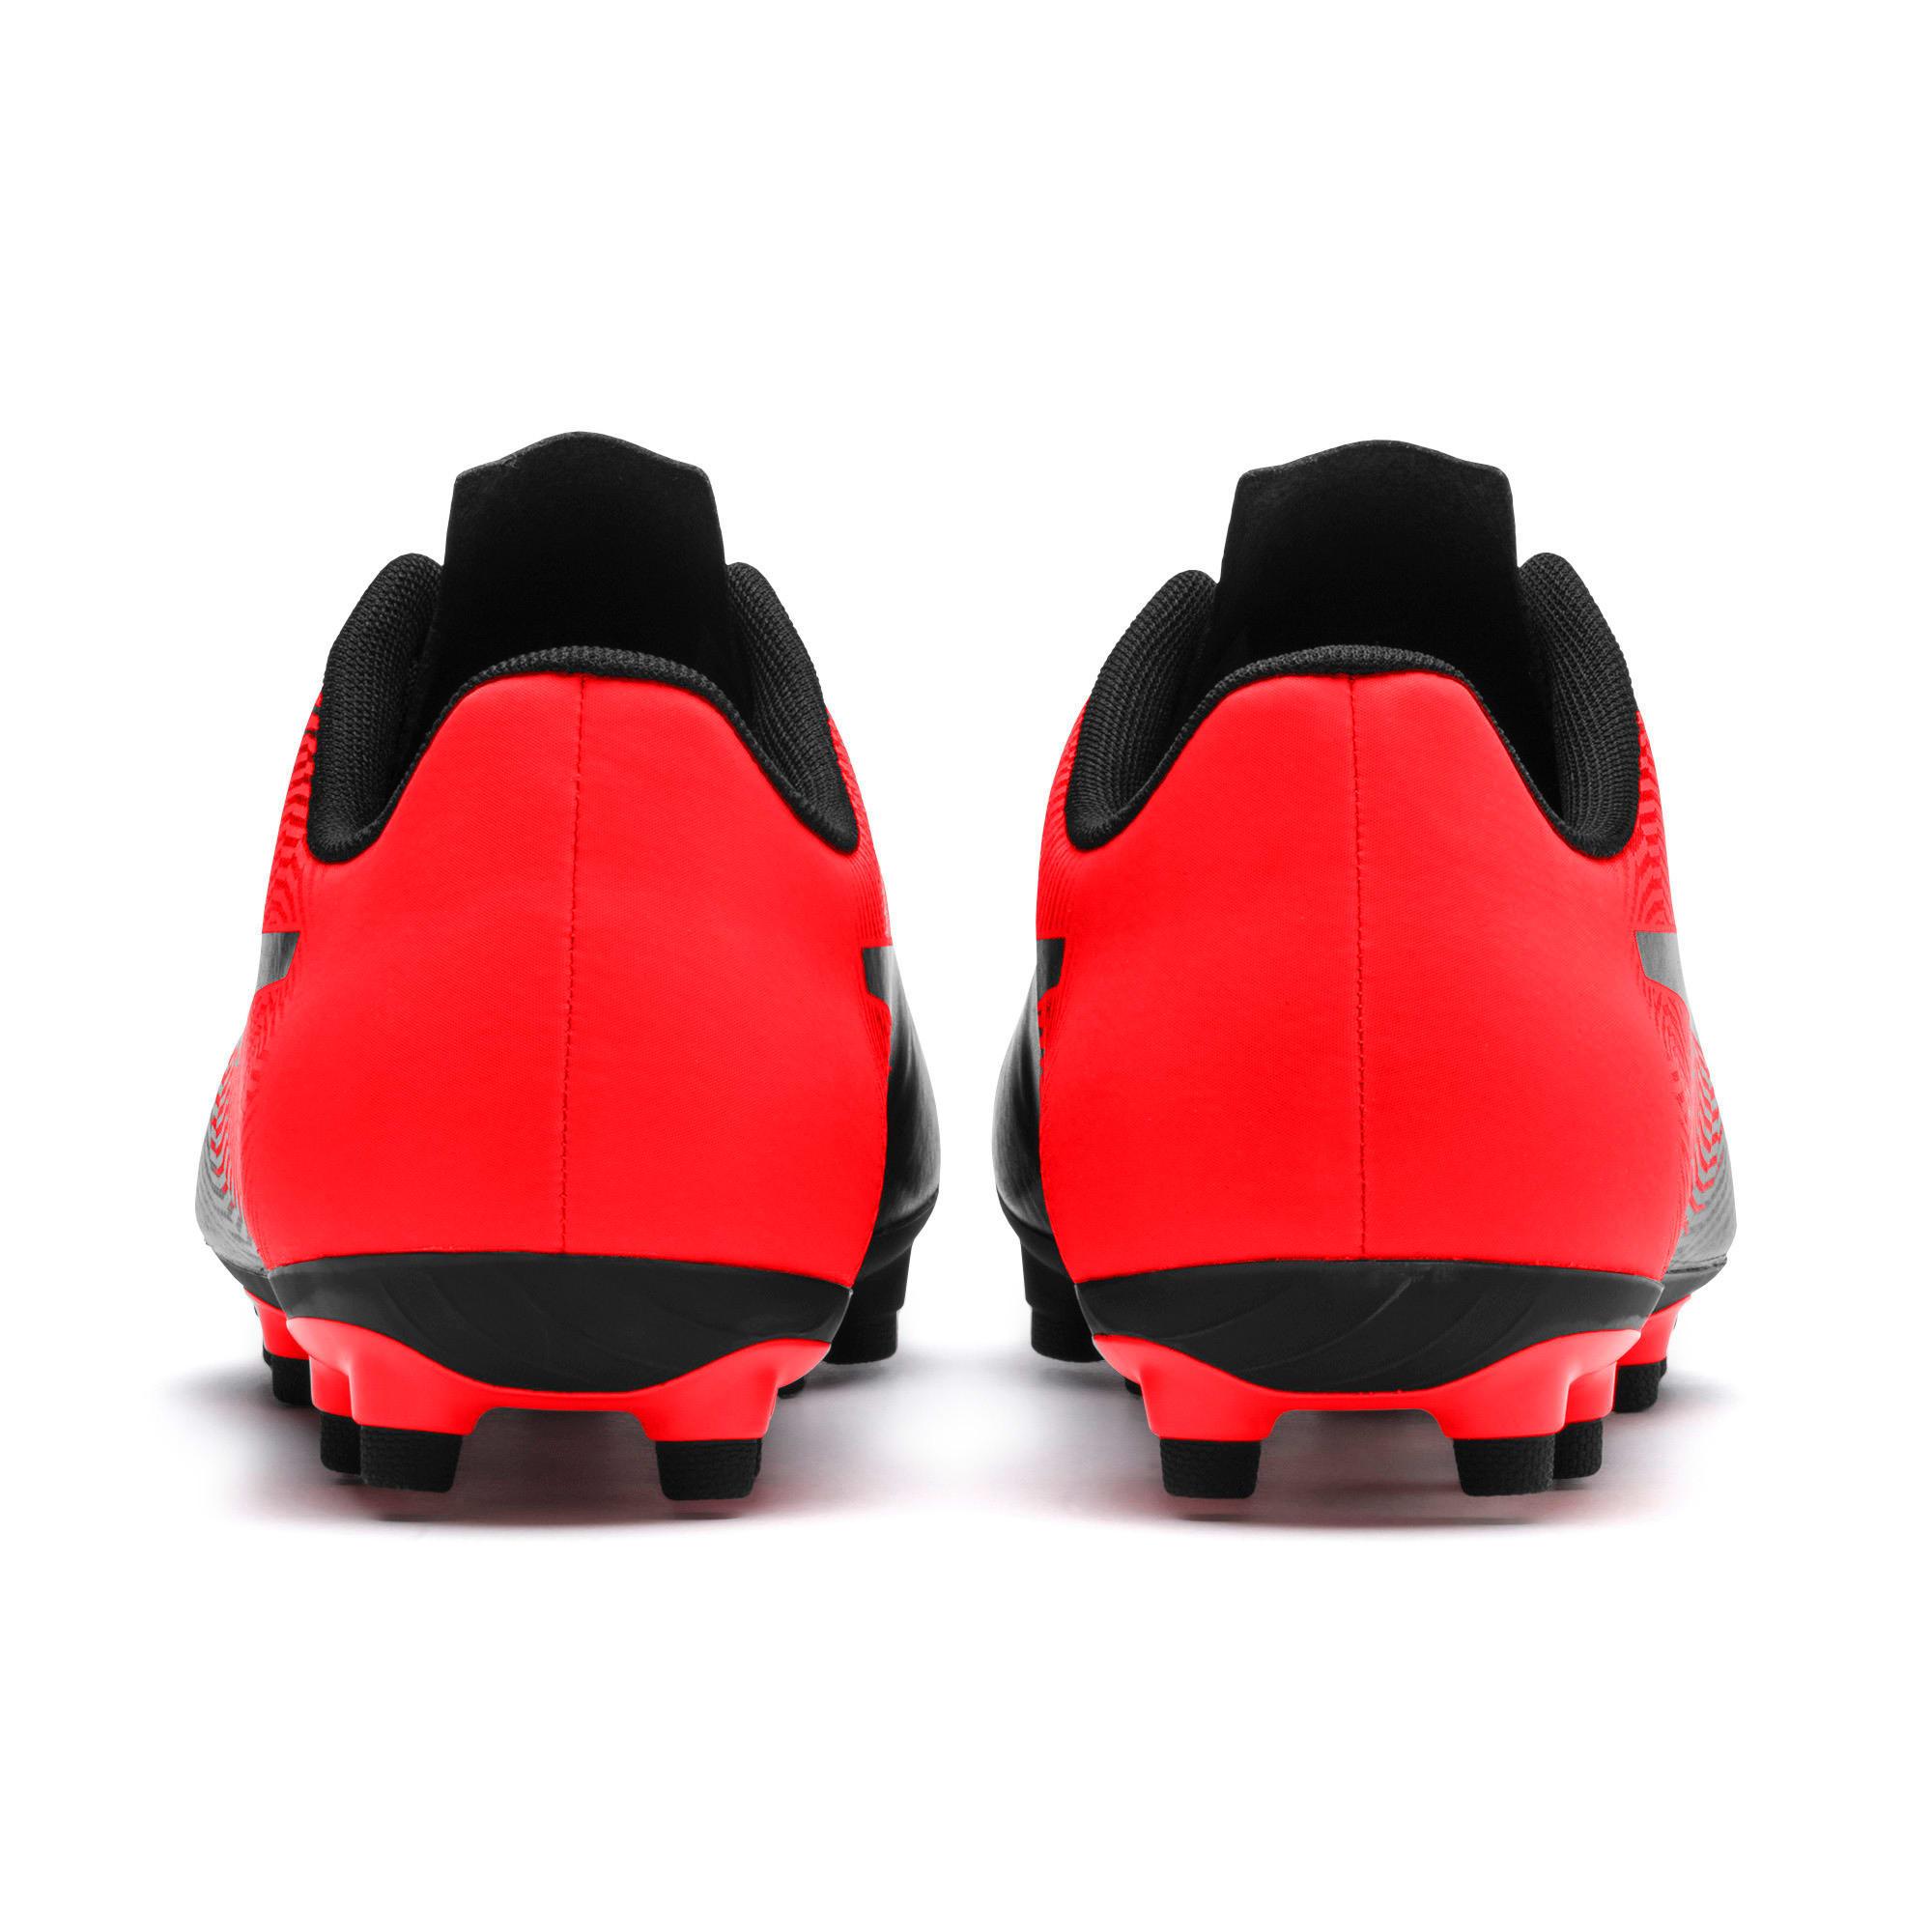 Miniatura 4 de Botines de fútbol PUMA Spirit II FG para hombre, Puma Black-Red Blast, mediano